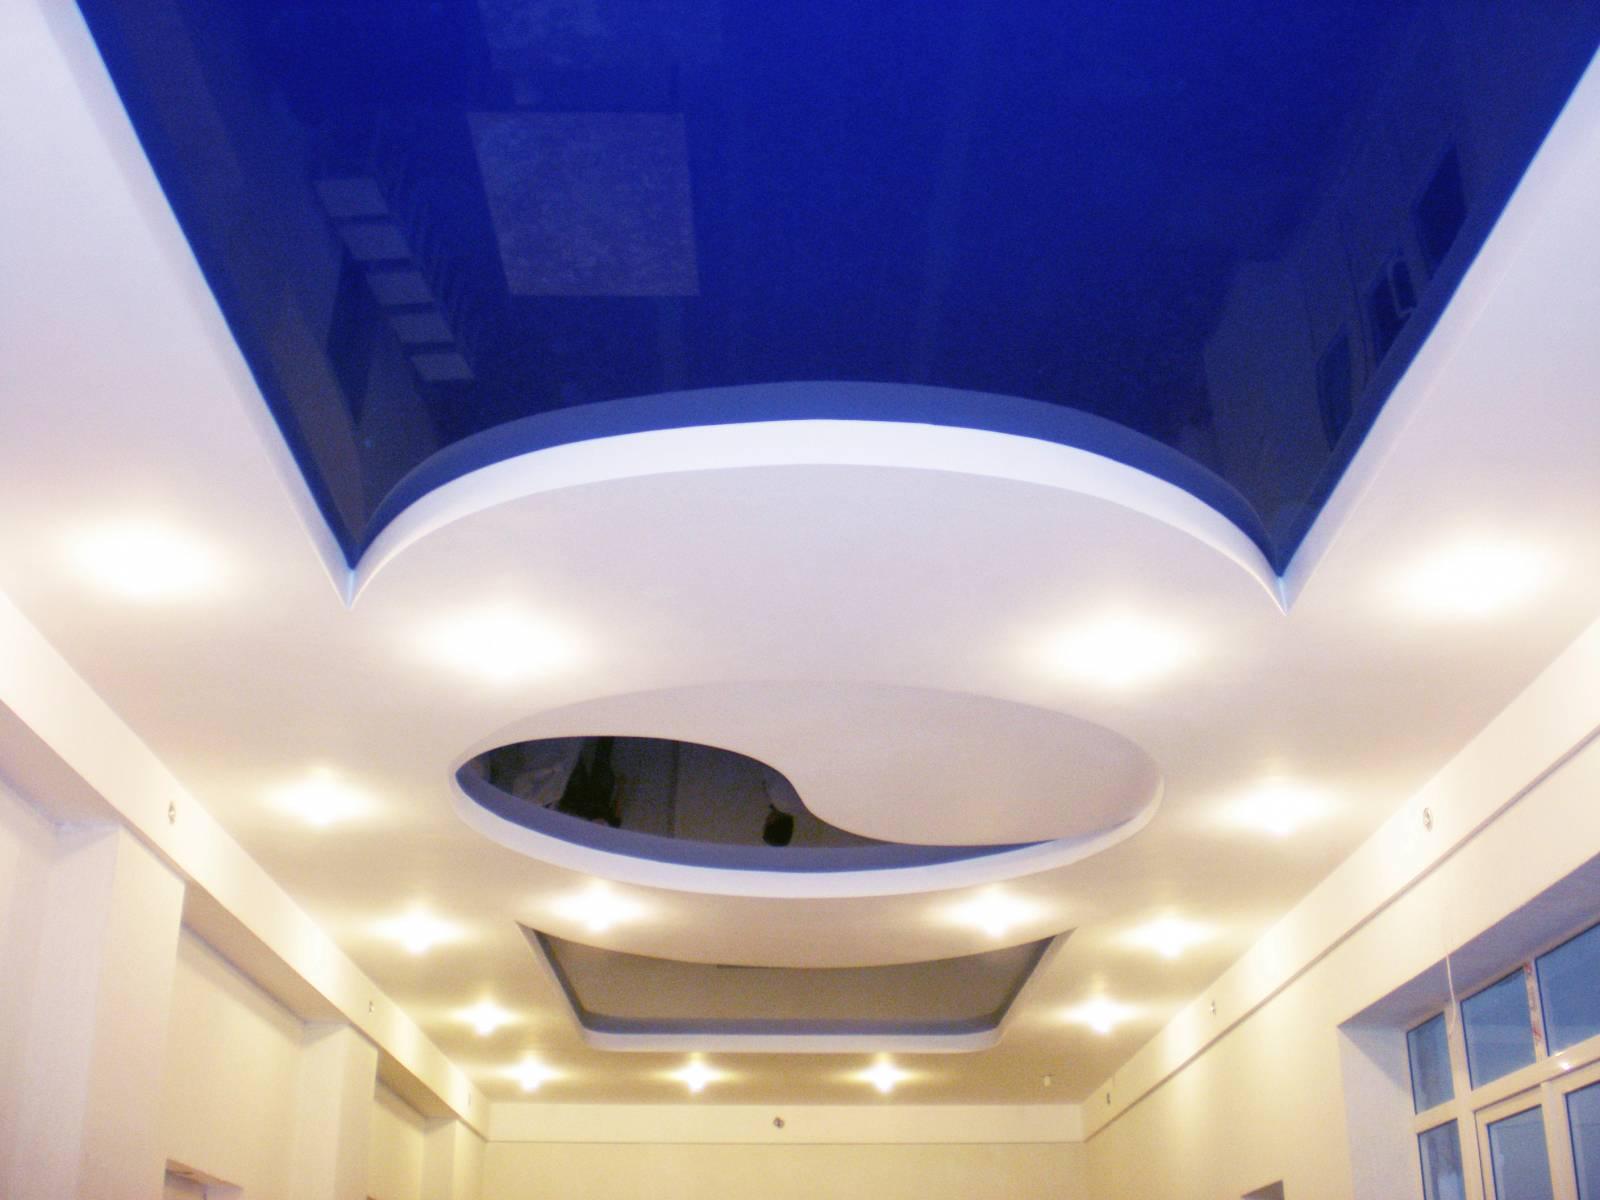 Faux plafond et spot calais prix m2 renovation for Prix pose faux plafond